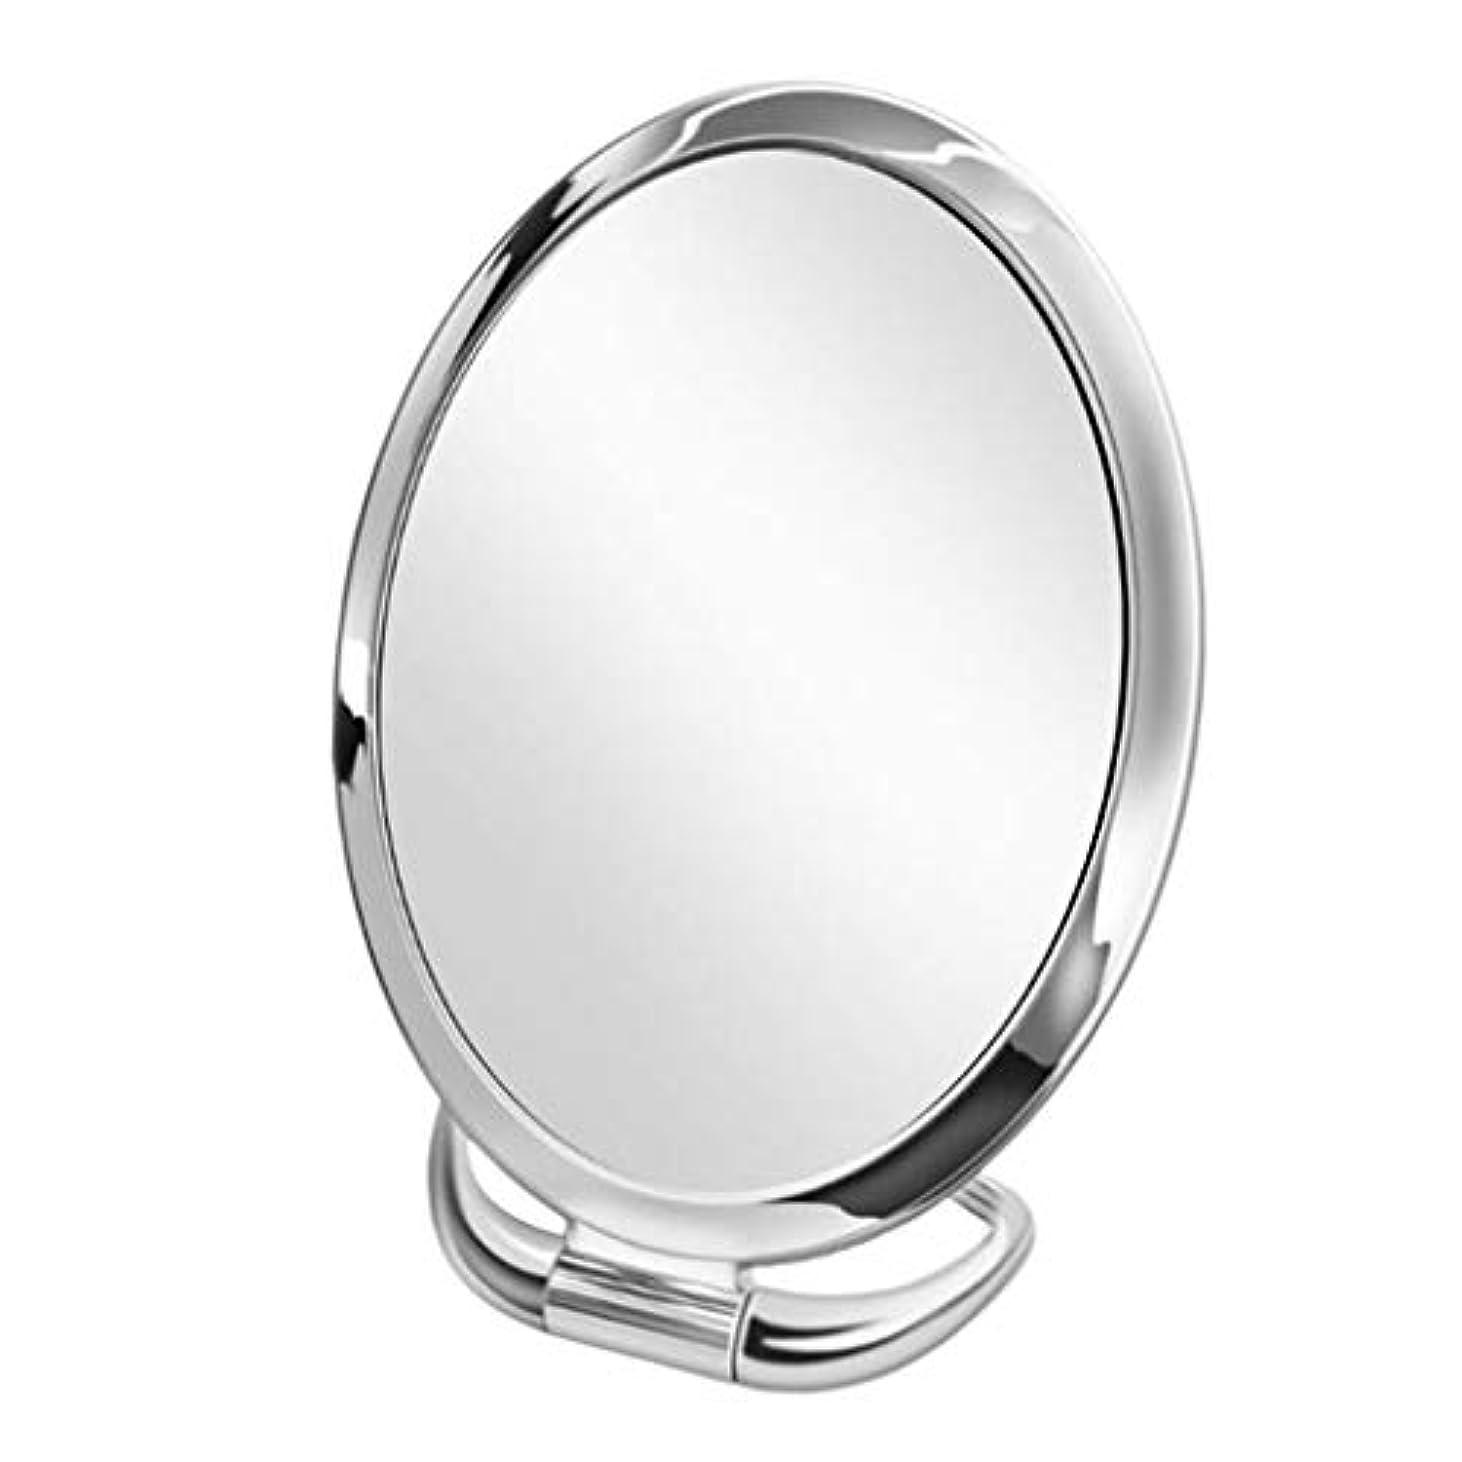 万一に備えて出席音声学化粧鏡 化粧ミラー 鏡 両面鏡 卓上 女優 拡大鏡 3倍 折りたたみ 角度調整可能 収納便利 全9種類 - スライバーオーバル